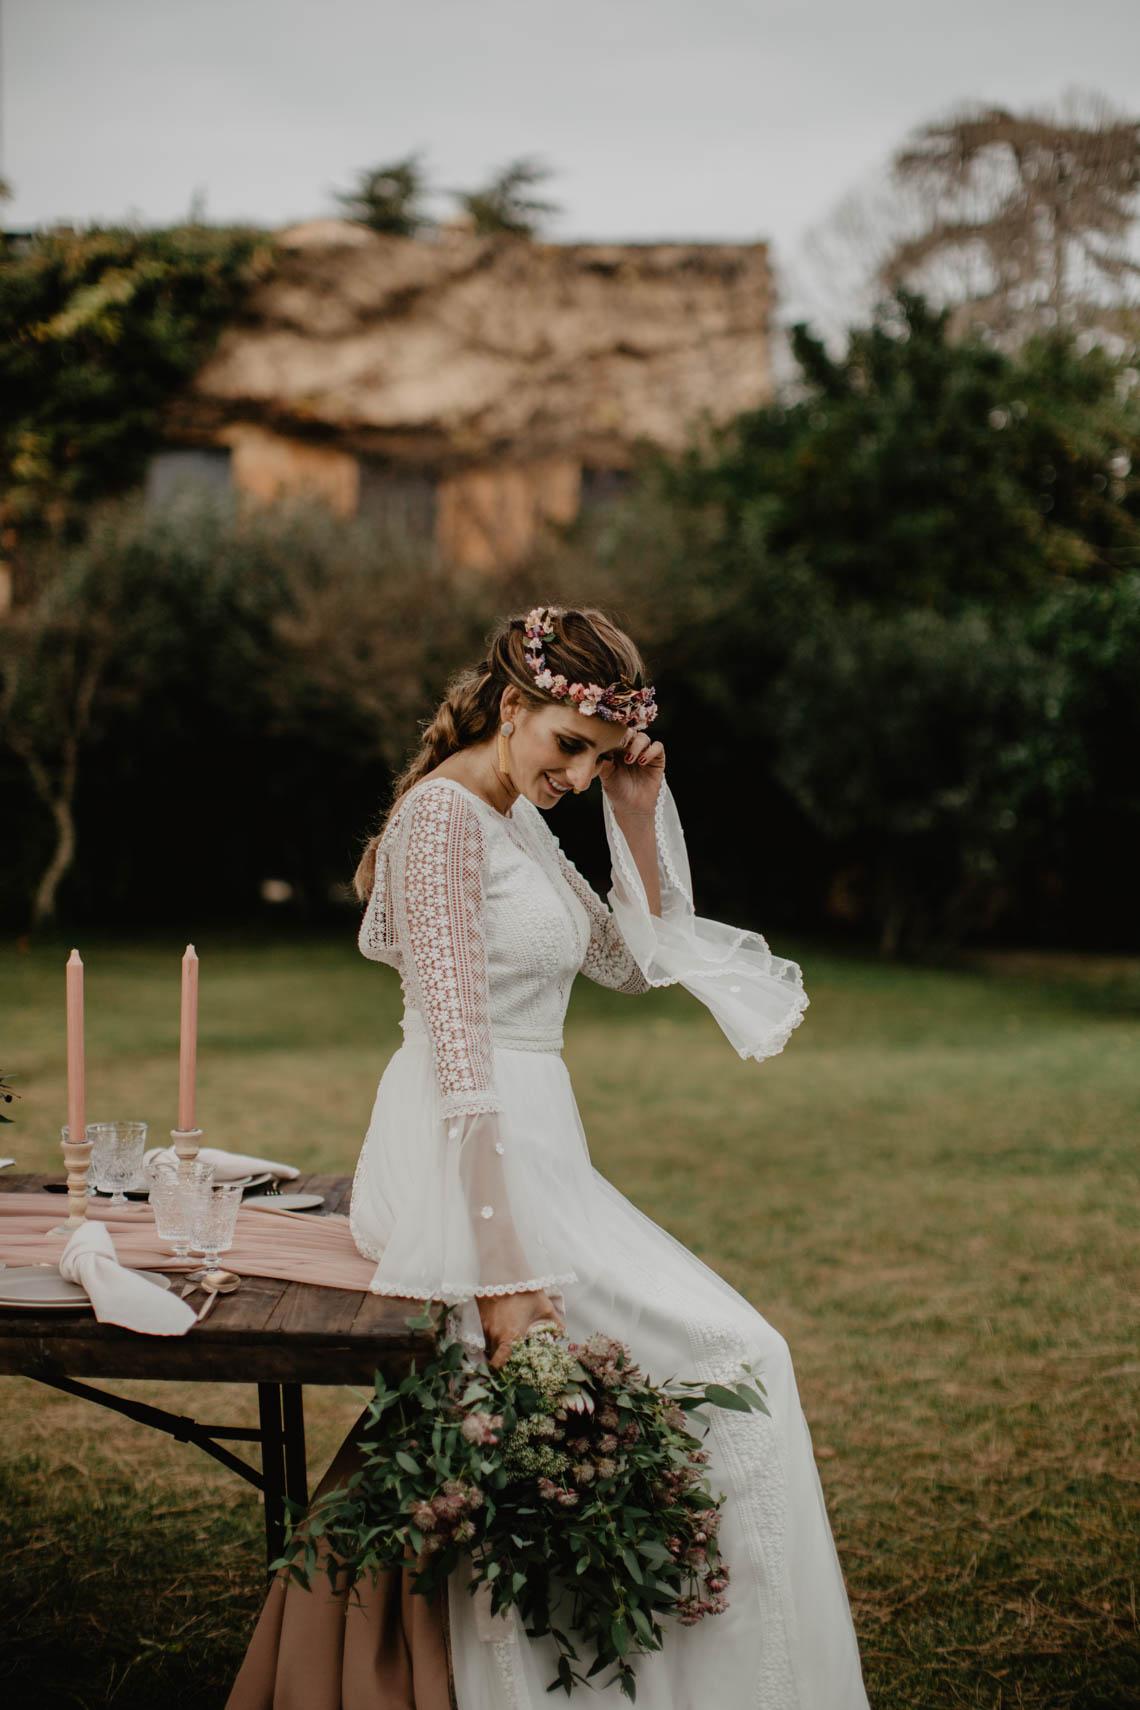 una-novia-toques-rosas-lavetis-miss-cavallier-6